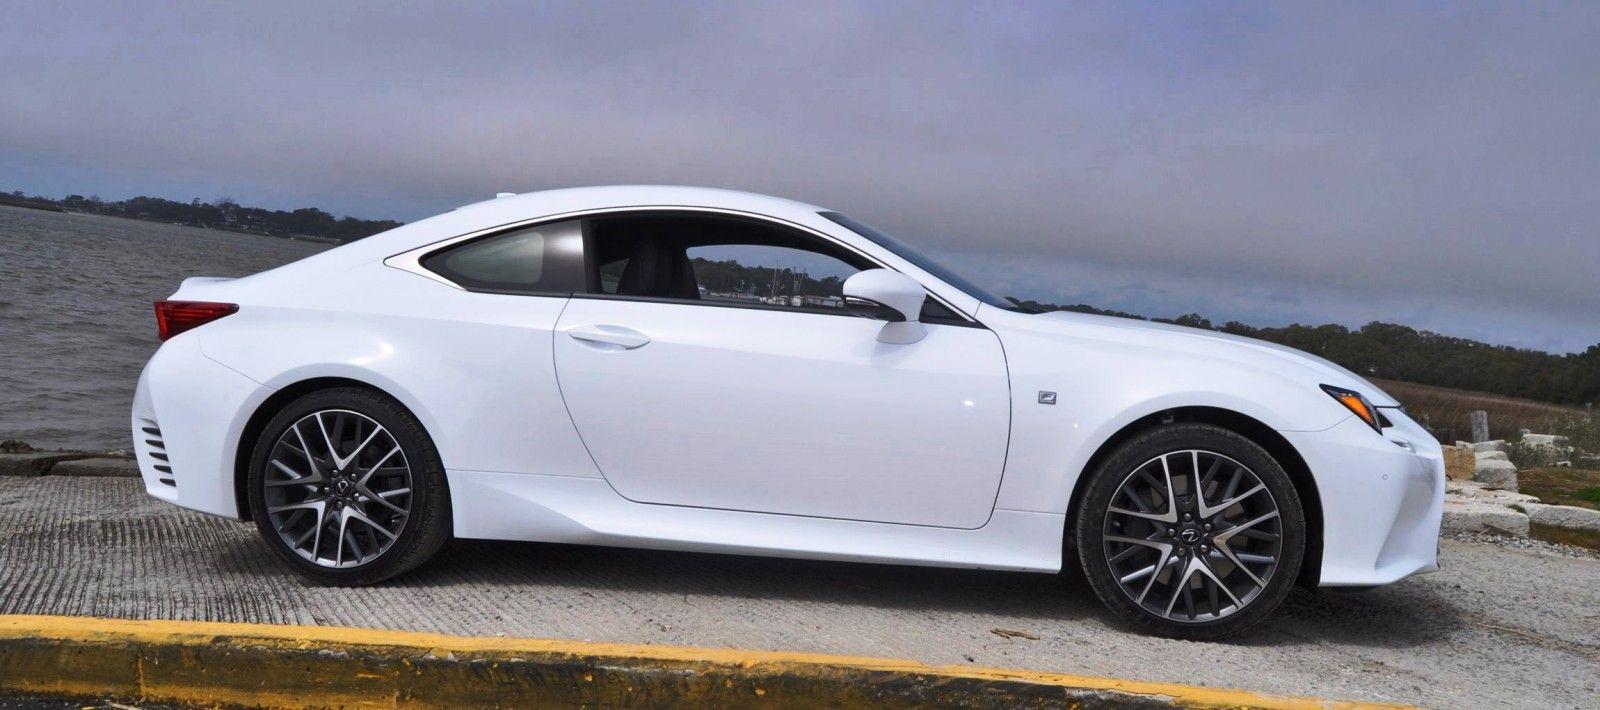 2017 Lexus Rc350 F Sport Review White Cars Future Car Automobile